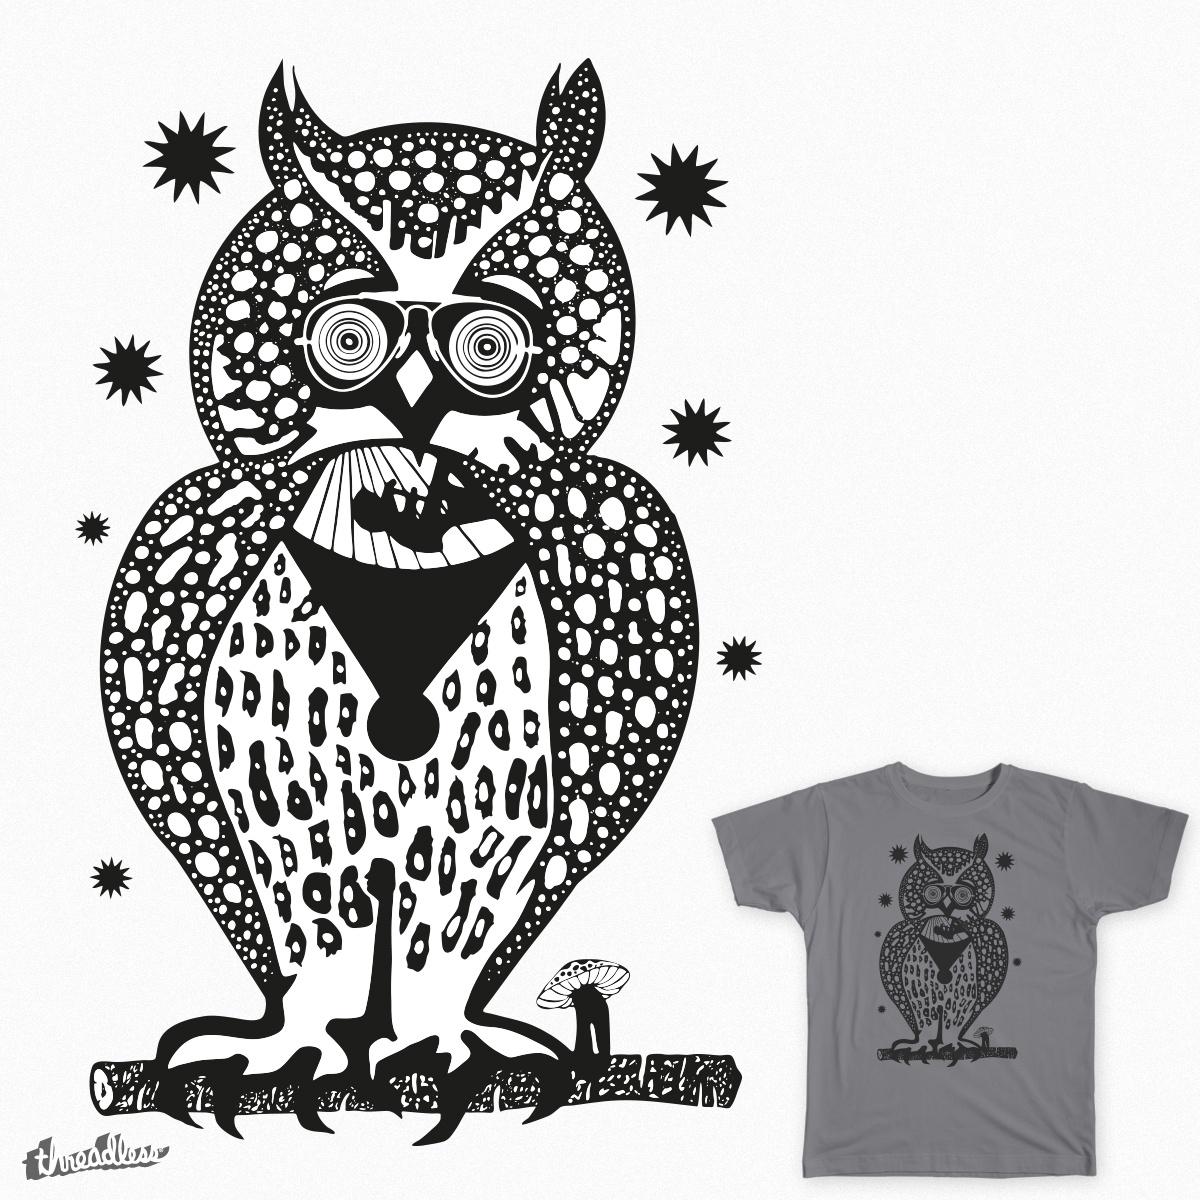 Owl by antoninopilloni on Threadless